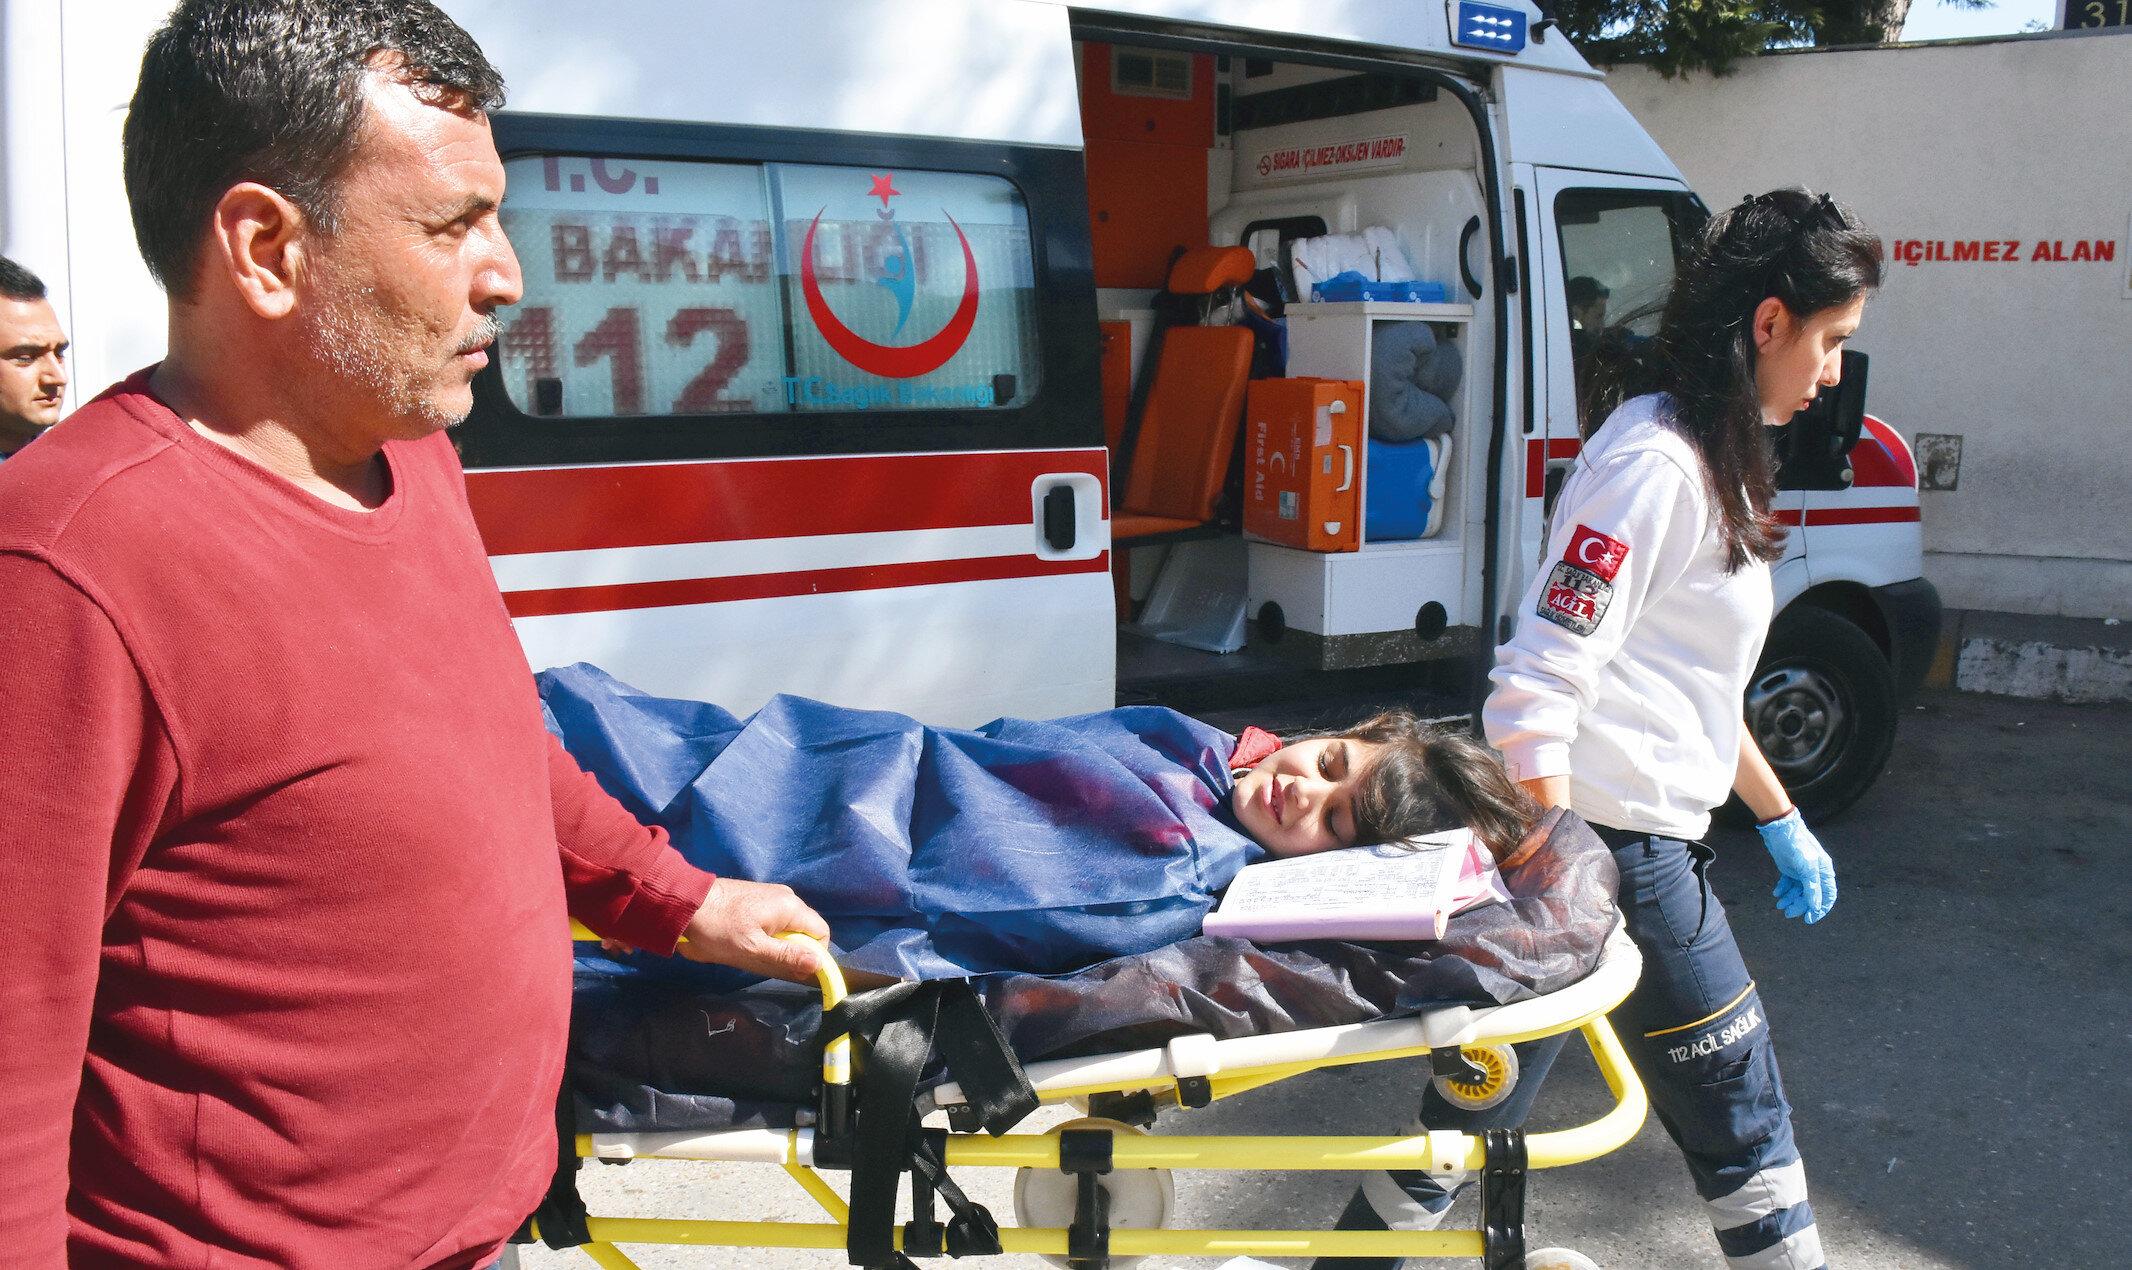 9 yaşındaki Sedil Alahmad hastaneye kaldırıldı.